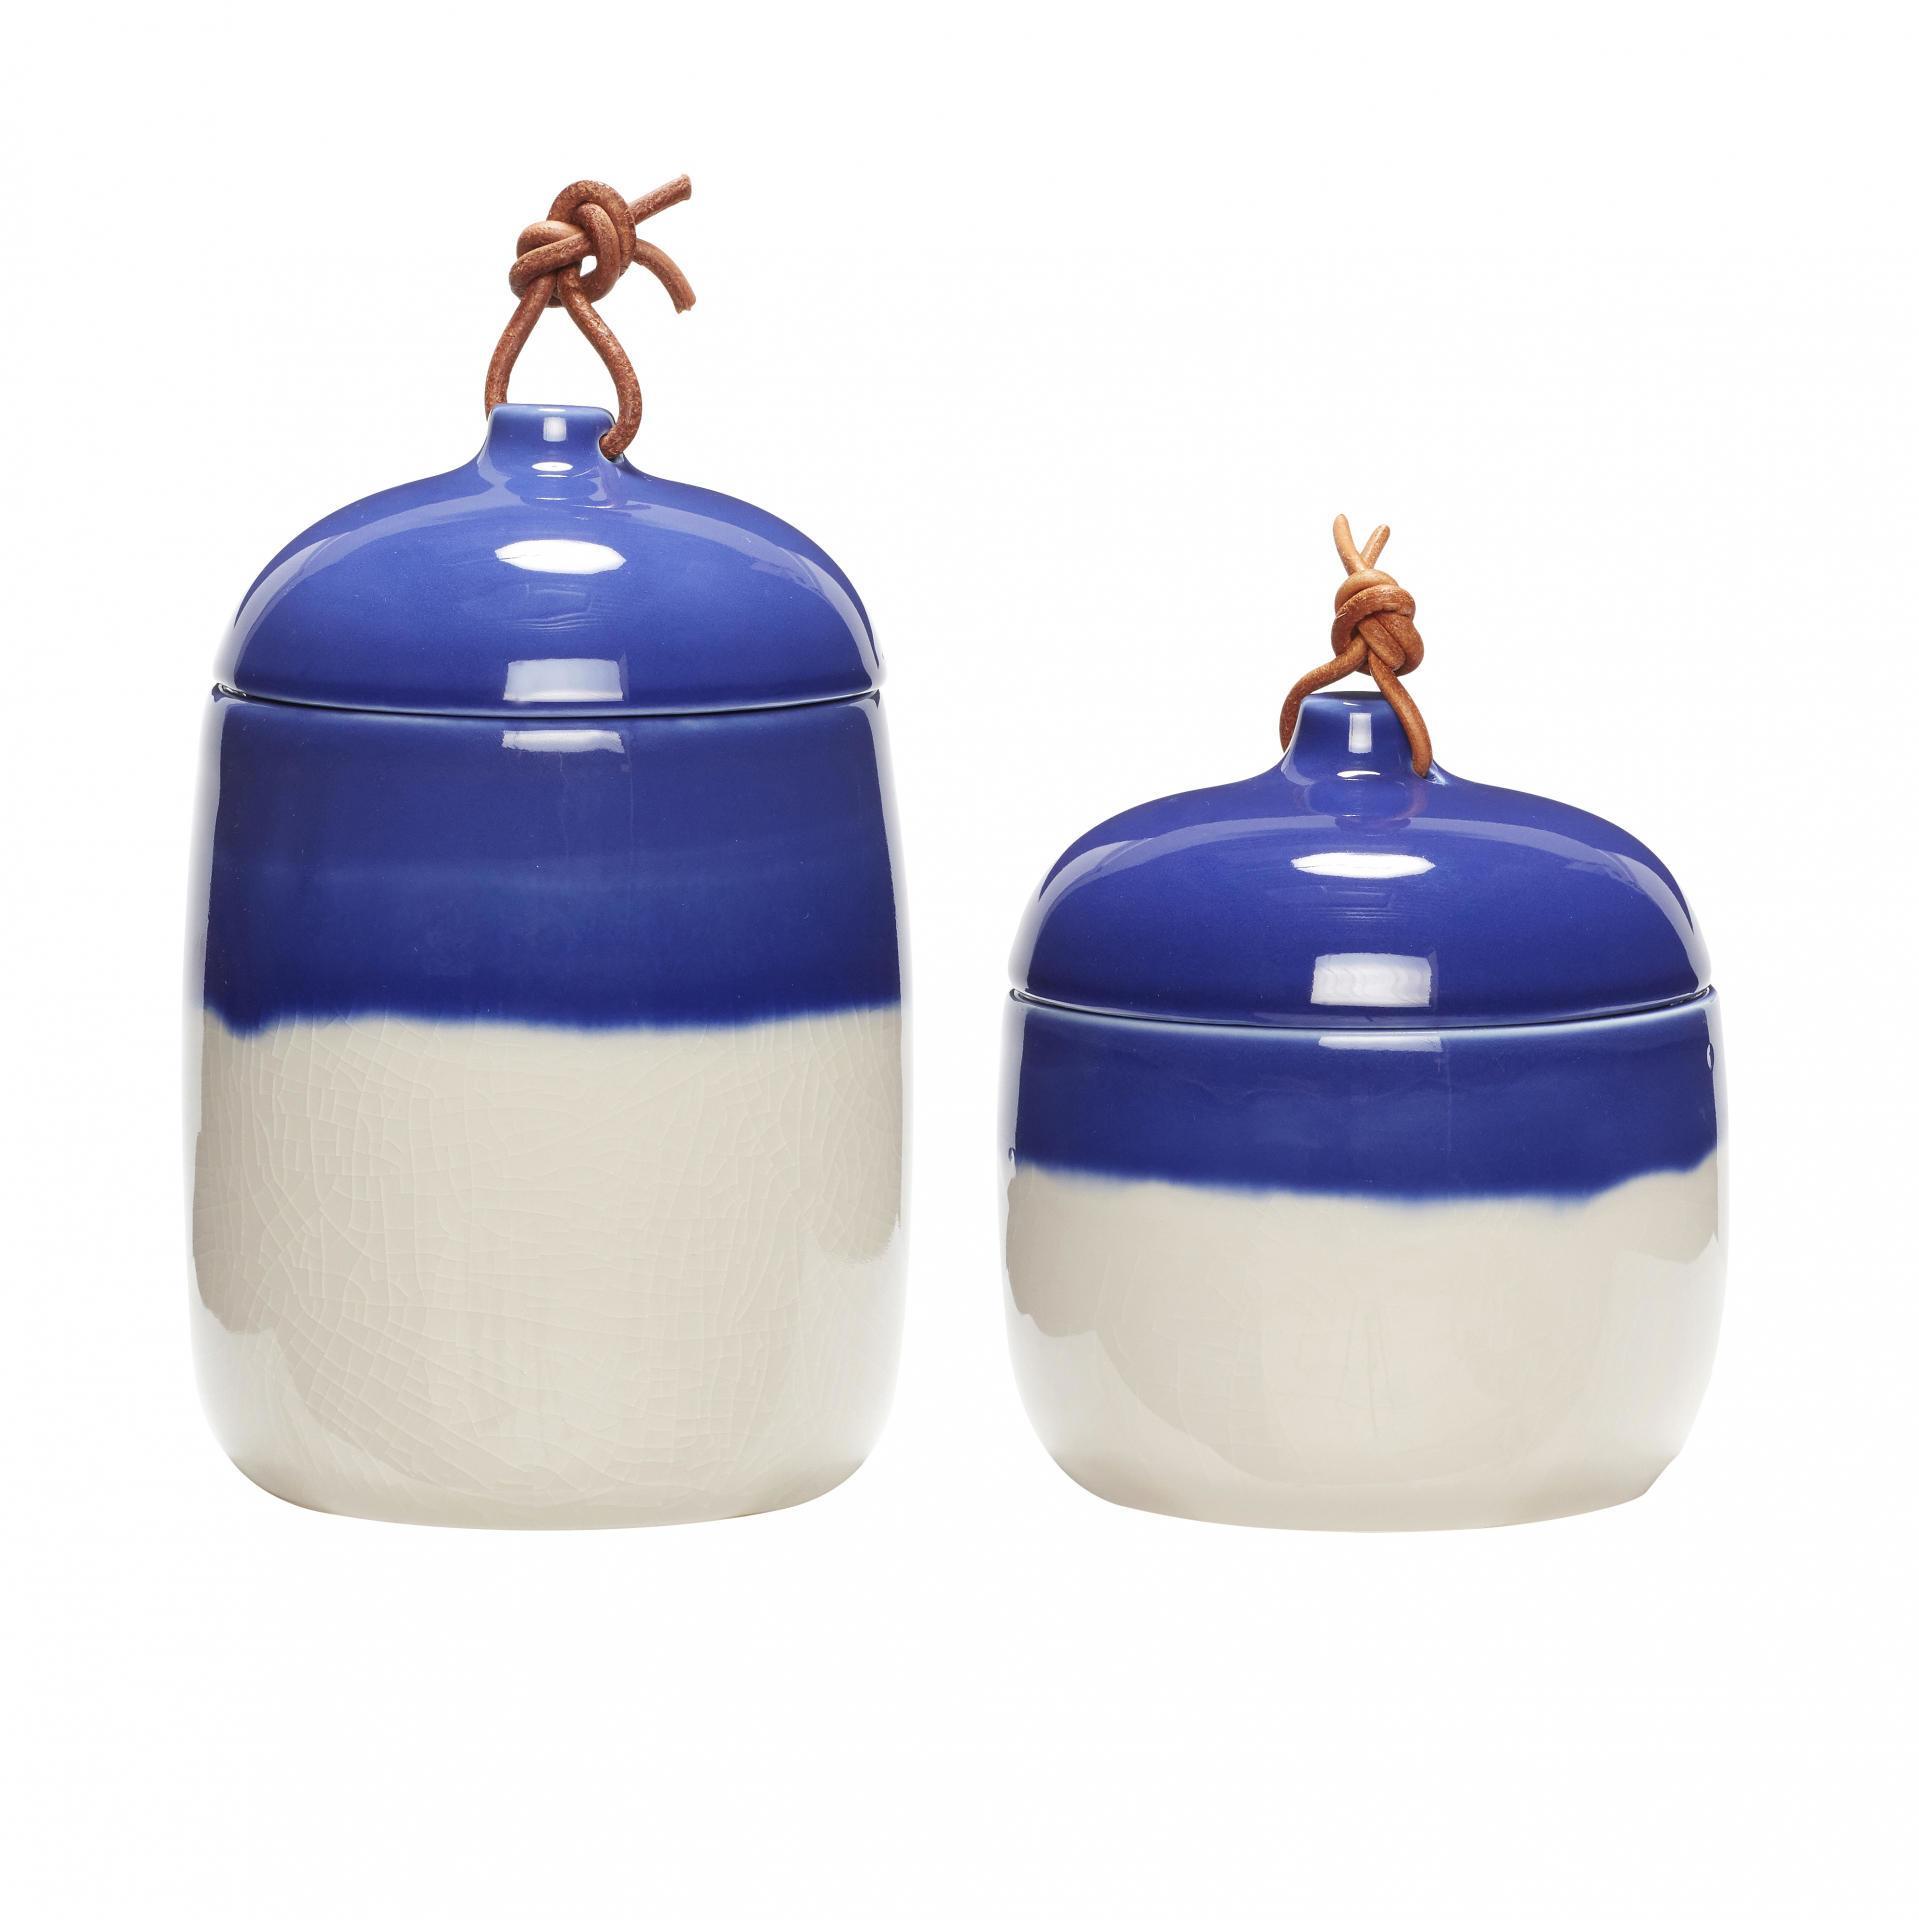 Hübsch Úložná keramická dóza Blue White Větší, modrá barva, bílá barva, keramika